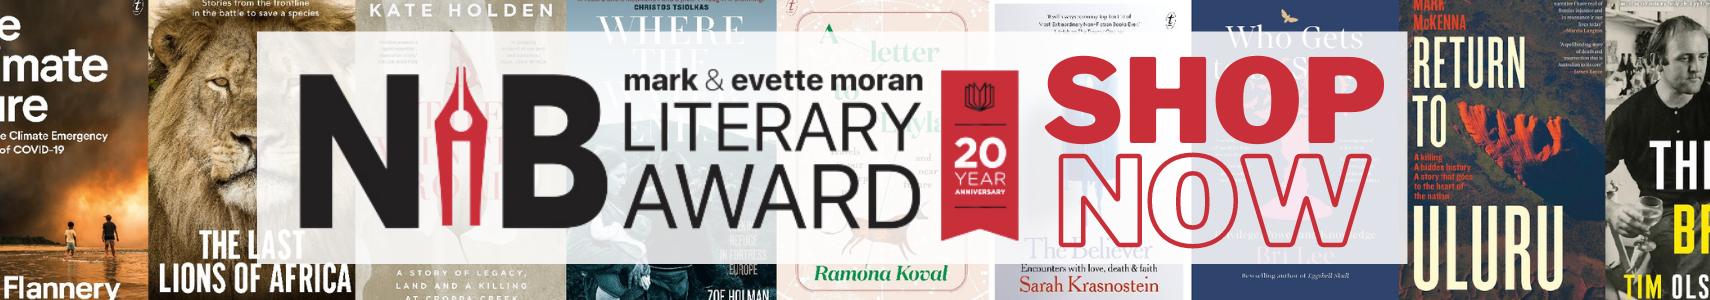 NIB Literary Awards 2021 Banner